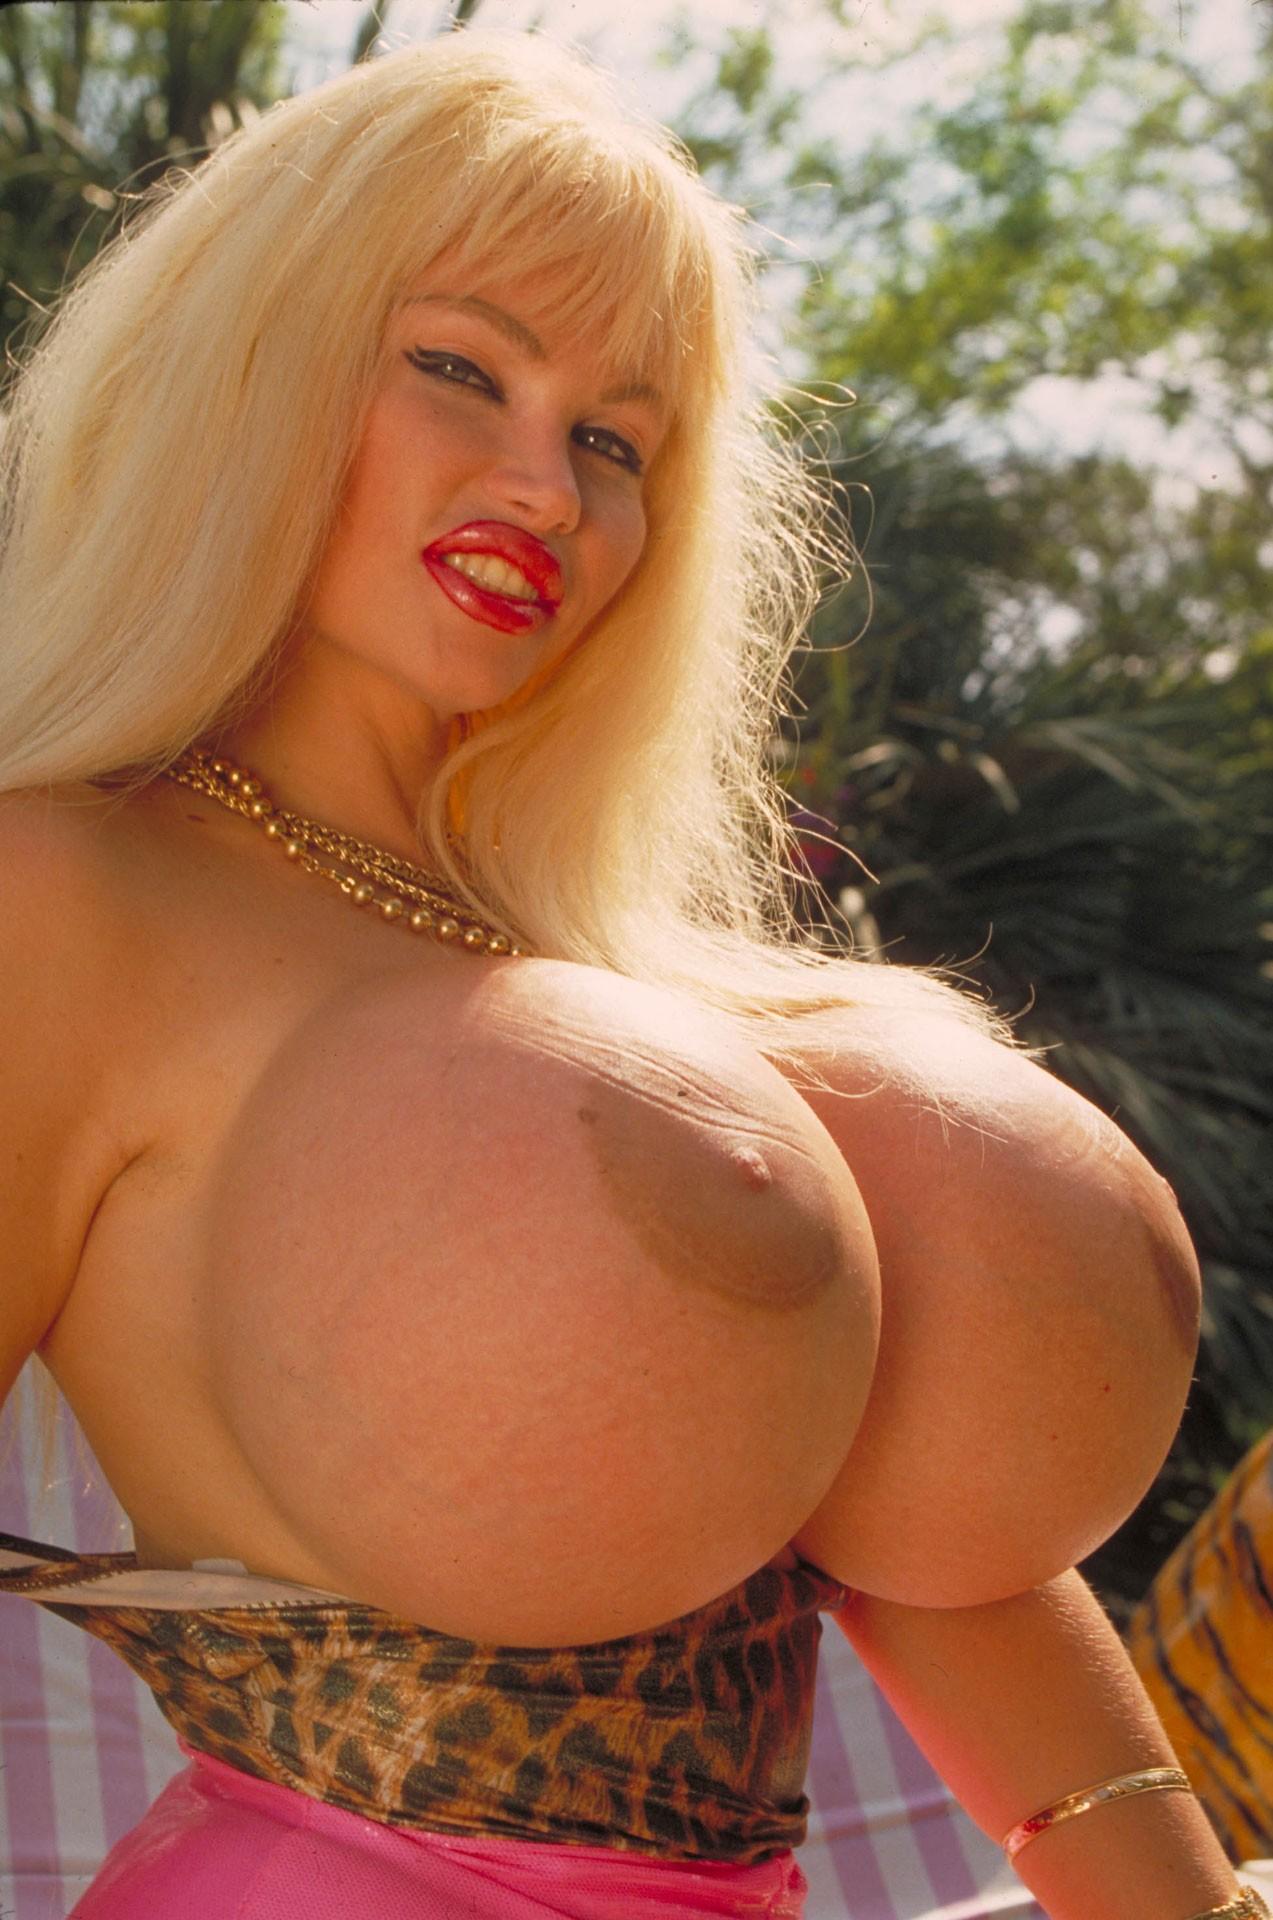 Brigitte lahaie amp nude women henry amp june 7